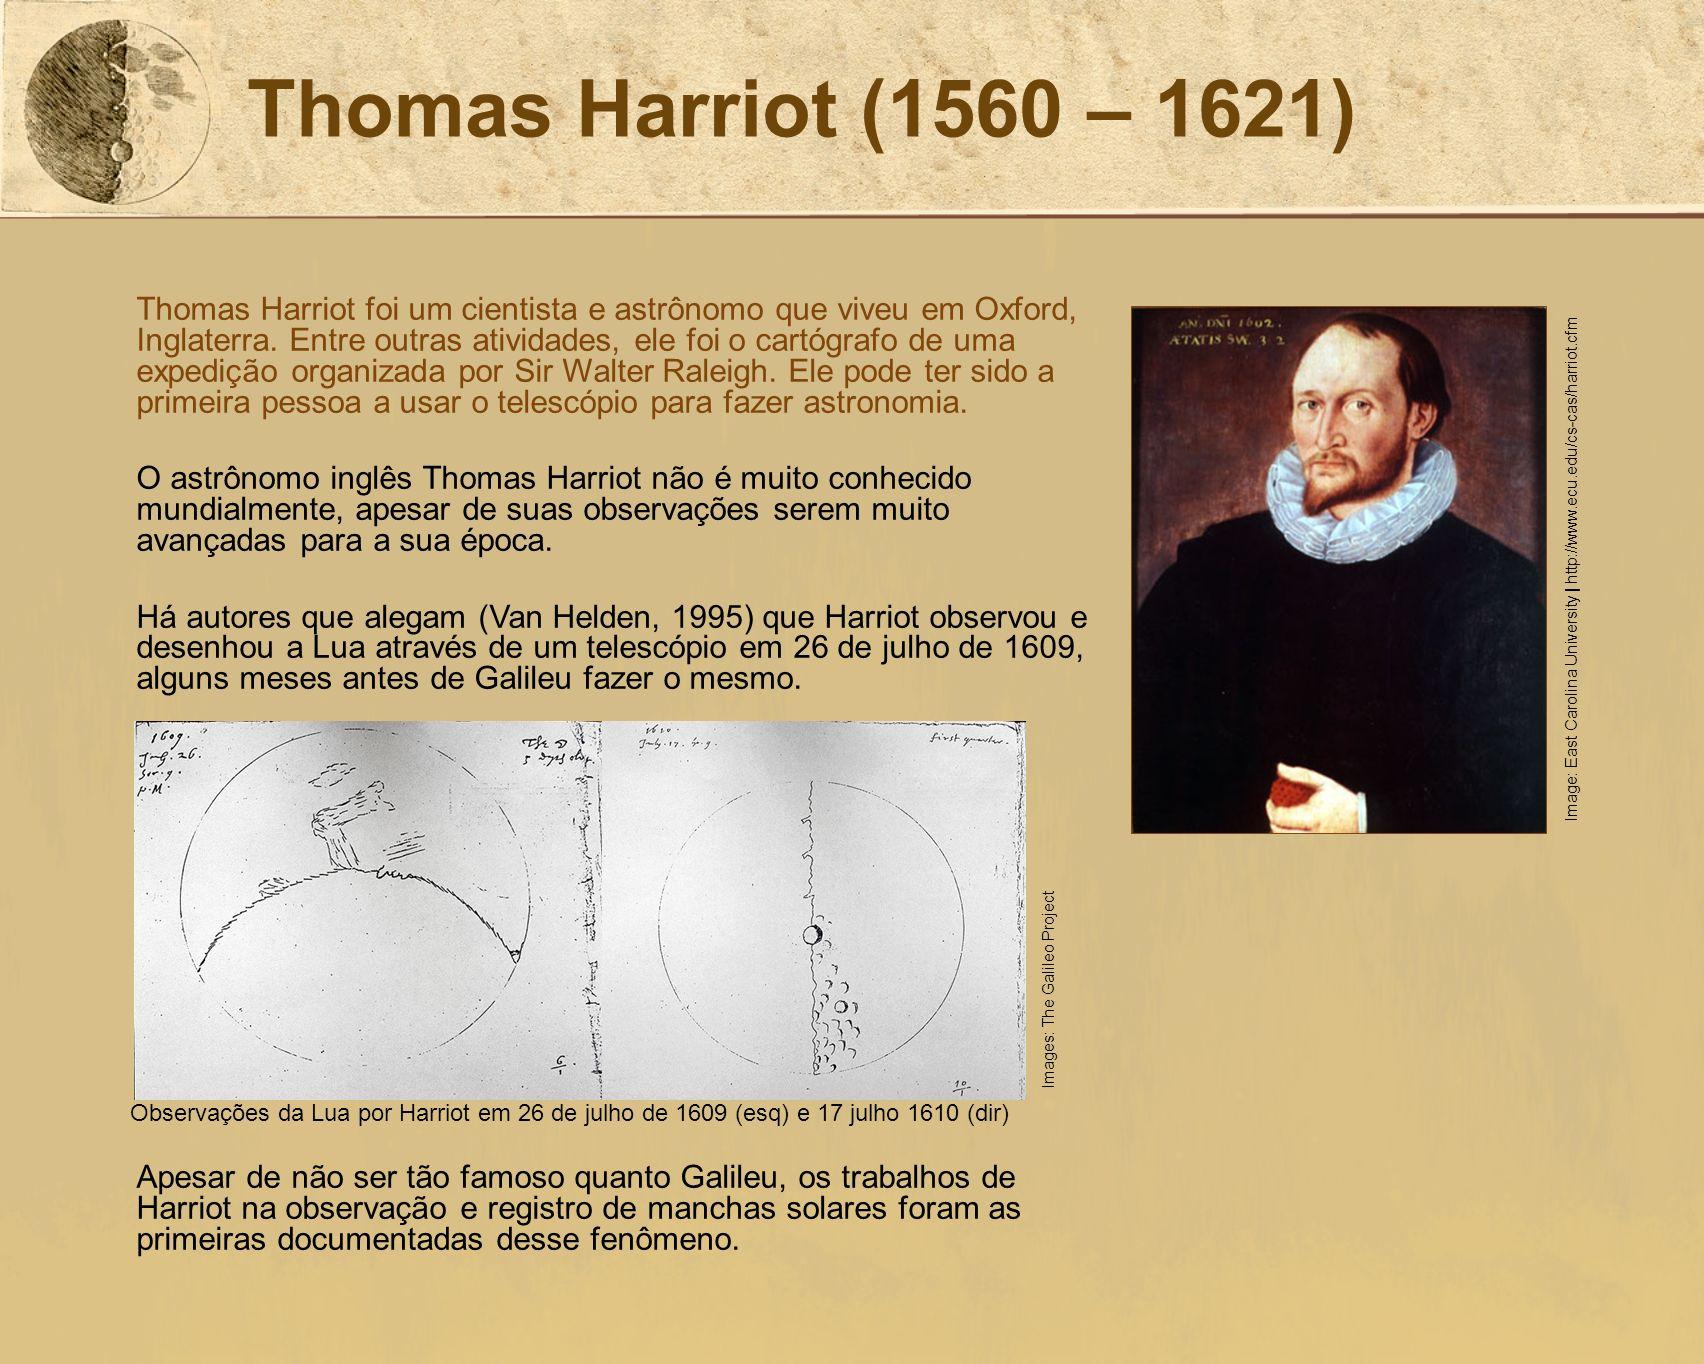 Galileu Galilei (1564 - 1642) Em outubro de 1609, Galileu fabricou um telescópio de aumento 20x.